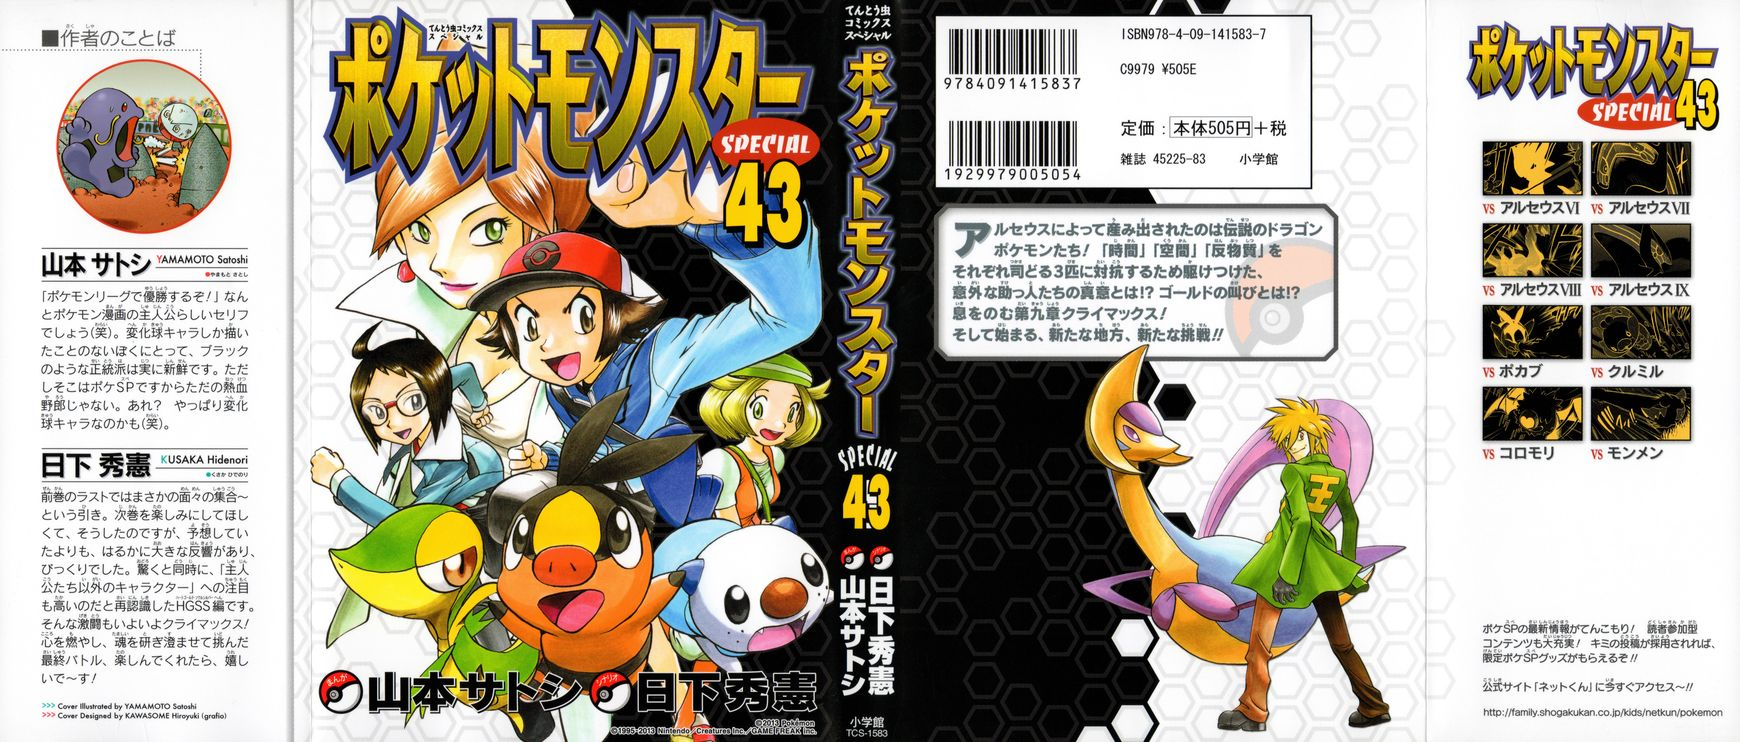 Pokemon Adventures 457 Page 2